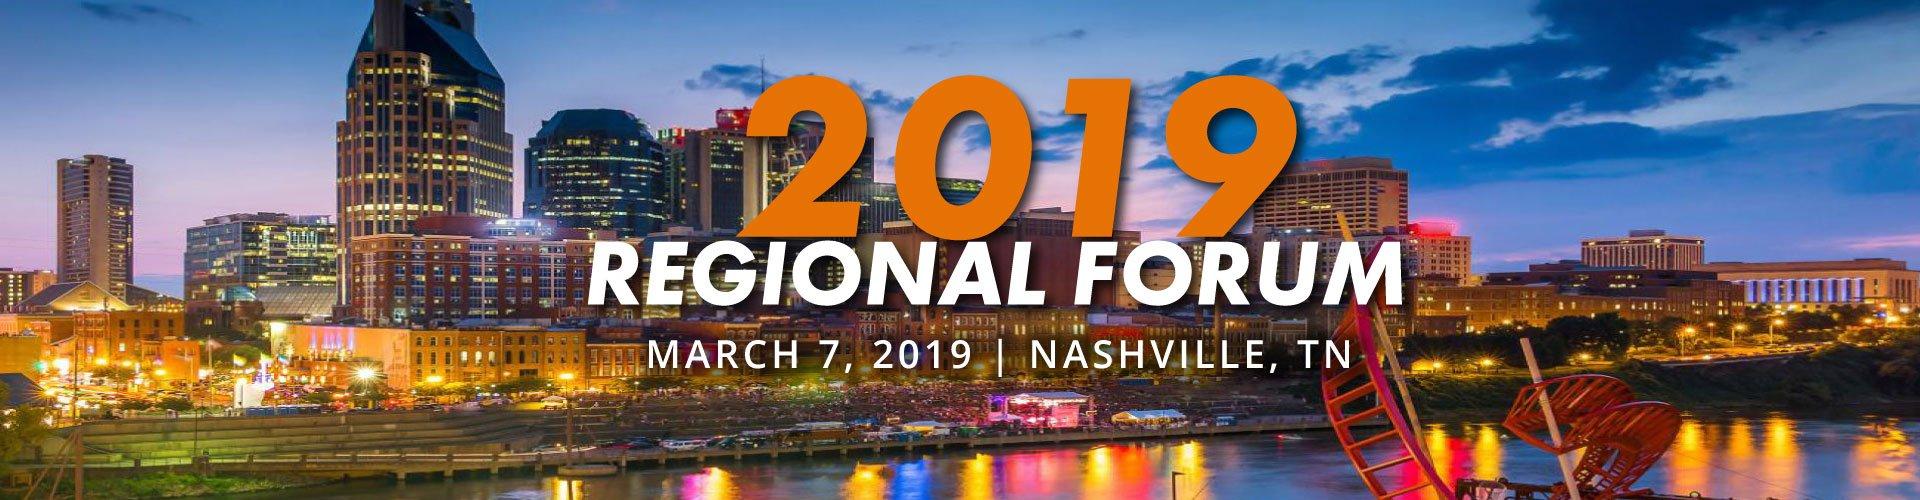 march-7-regional-forum